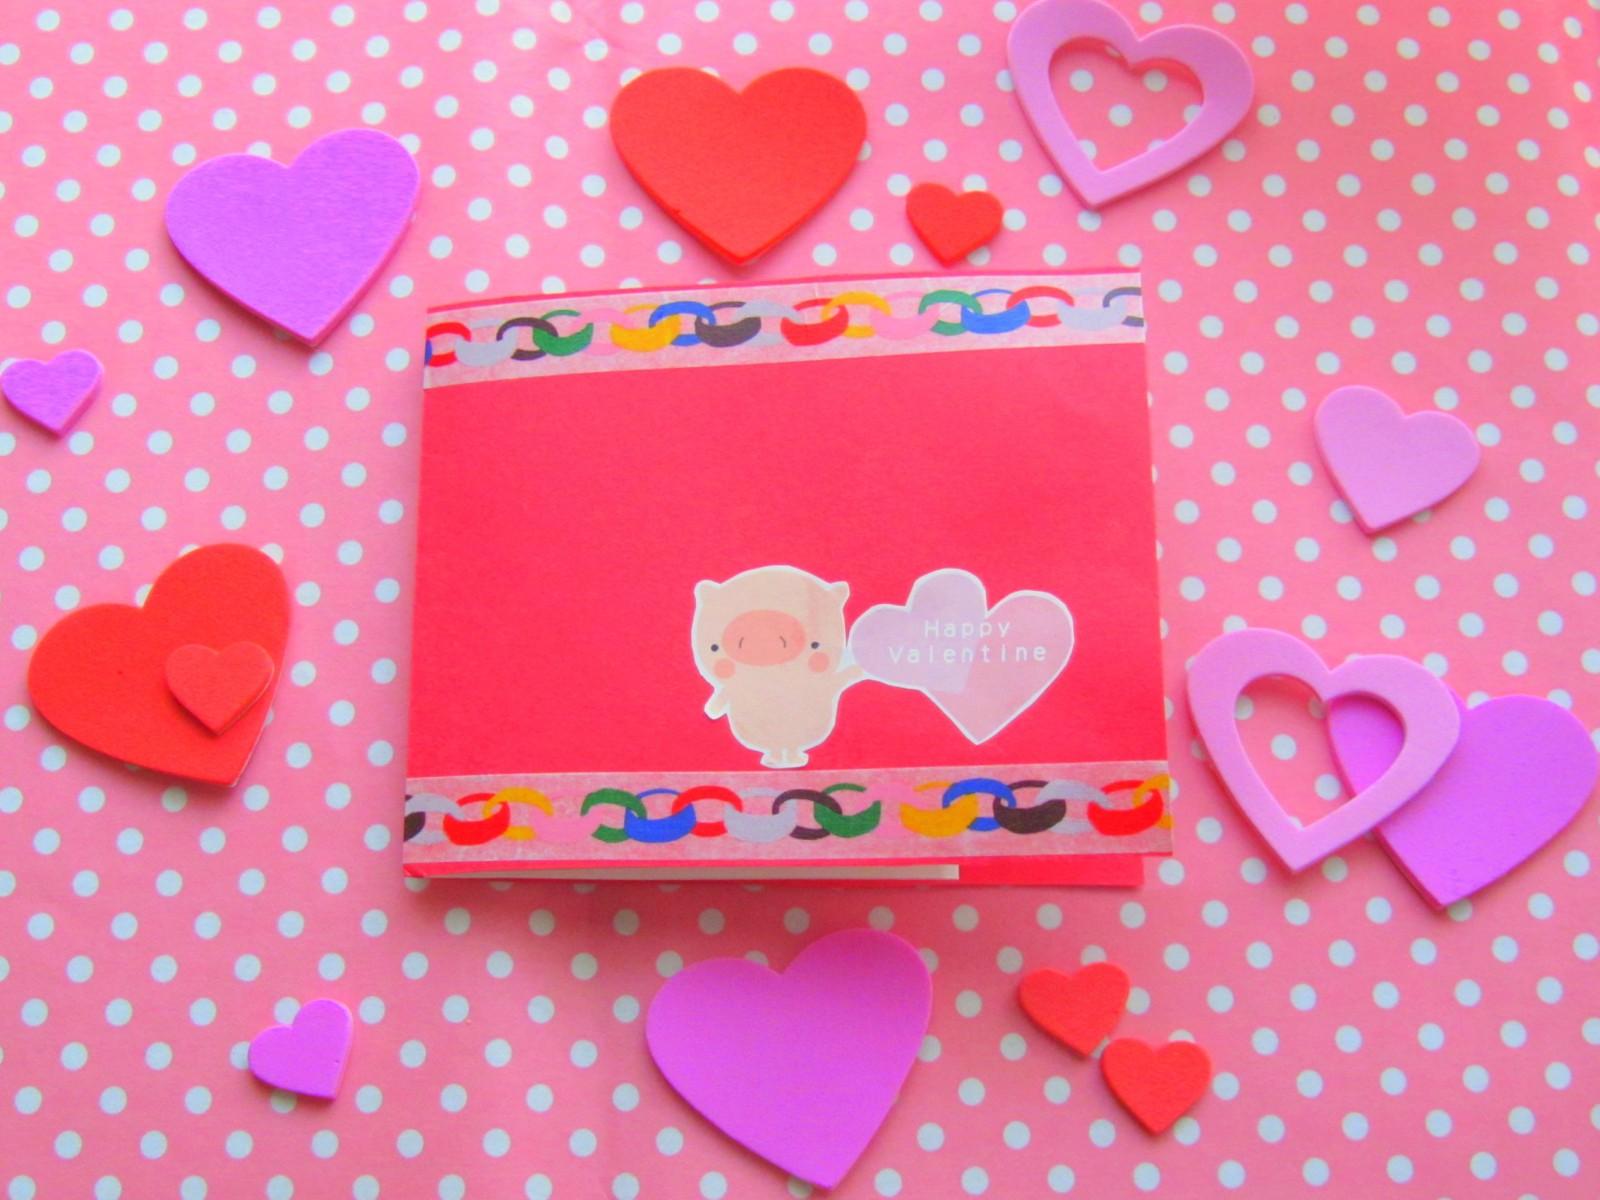 画像 1/4:バレンタインデーを ...